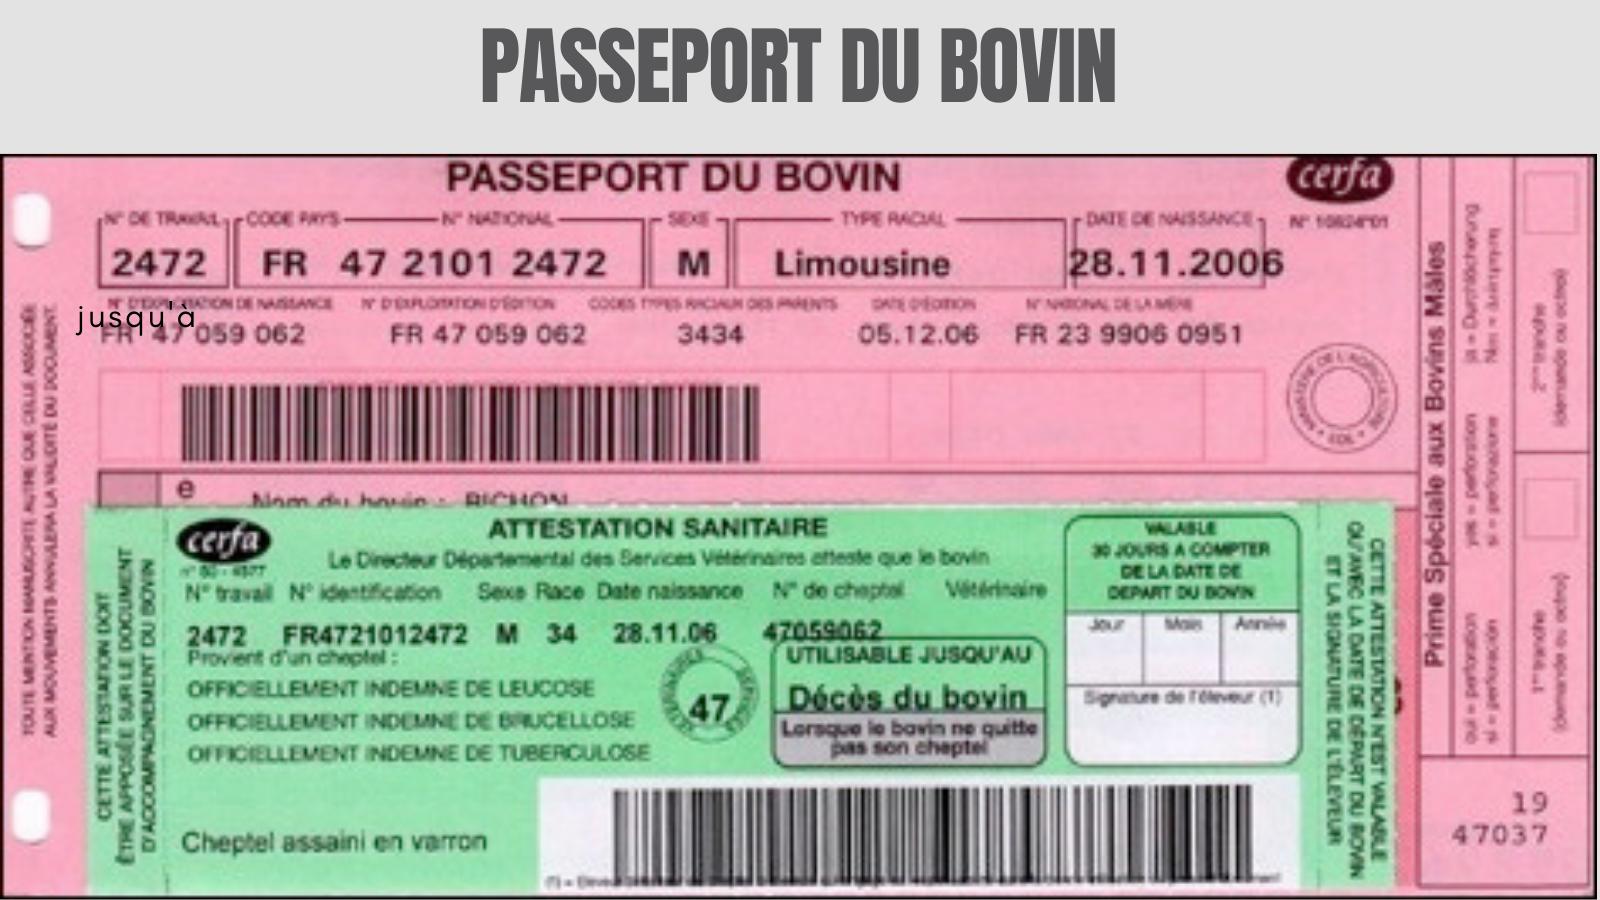 Passeport du bovin